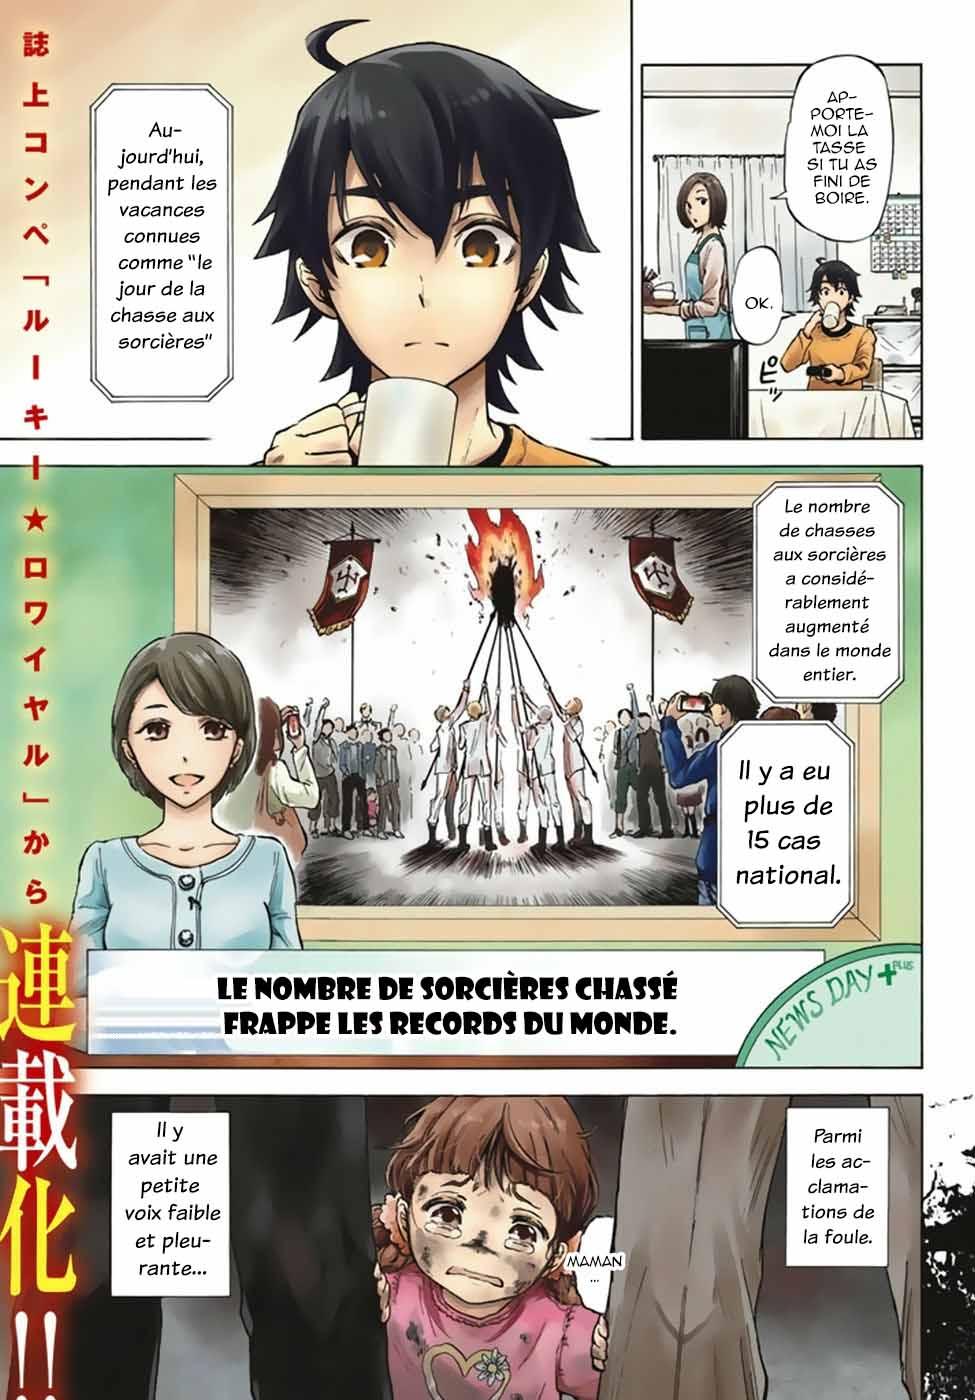 https://nine.mangadogs.com/fr_manga/pic2/10/10762/438503/90fa69c82c06e9f12bb739cf7ea53fe4.jpg Page 1